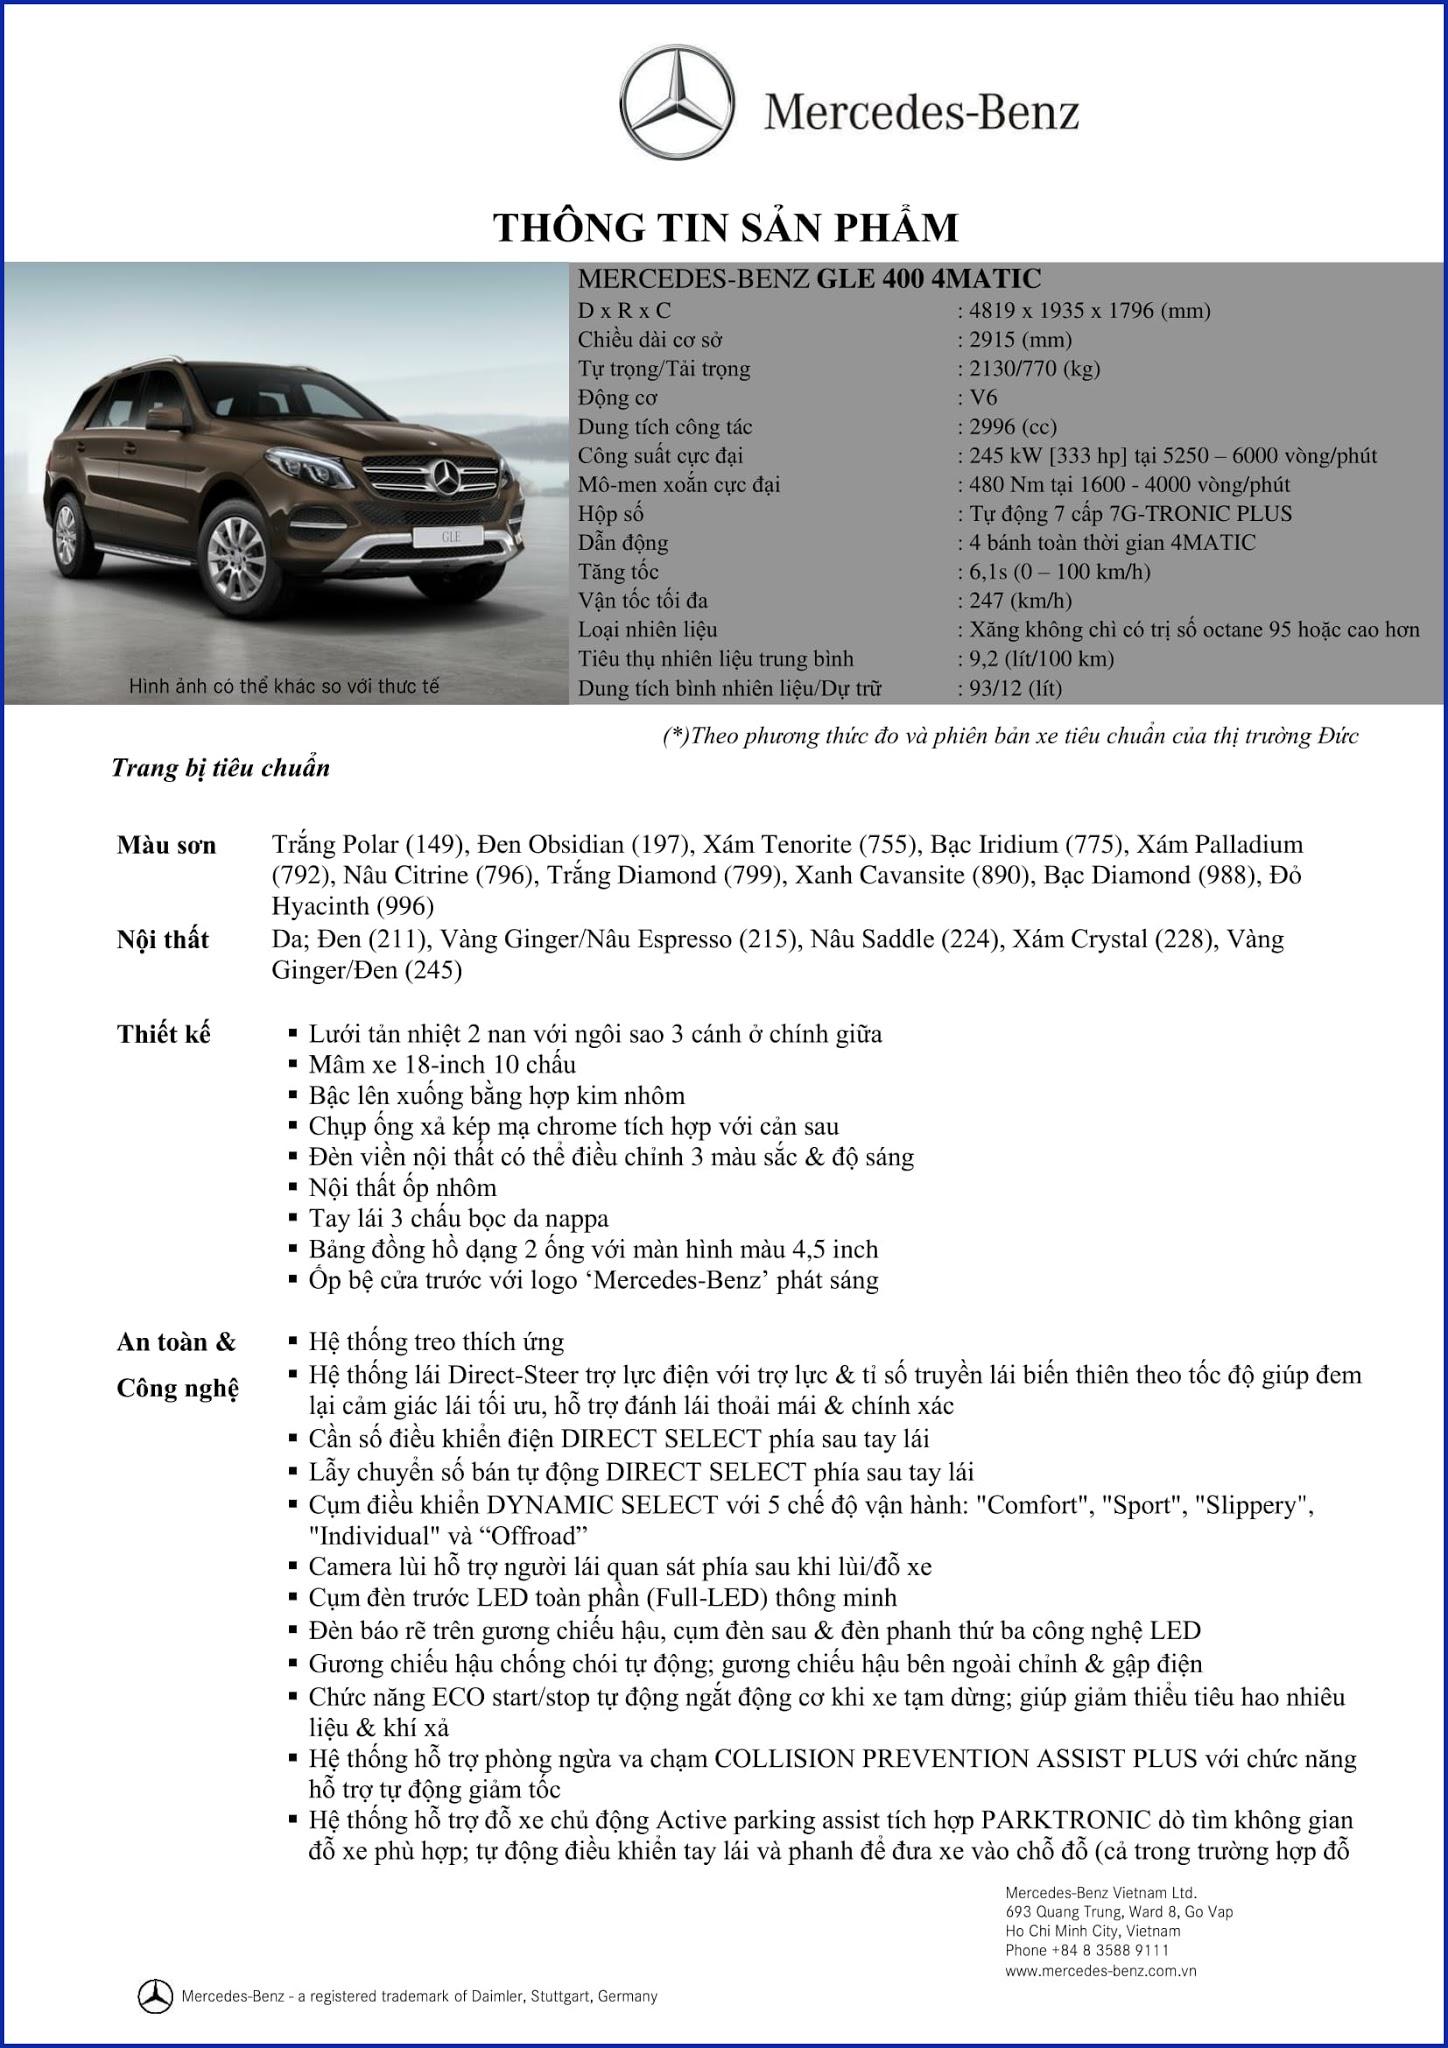 Bảng thông số kỹ thuật Mercedes GLE 400 4MATIC 2018 tại Mercedes Trường Chinh